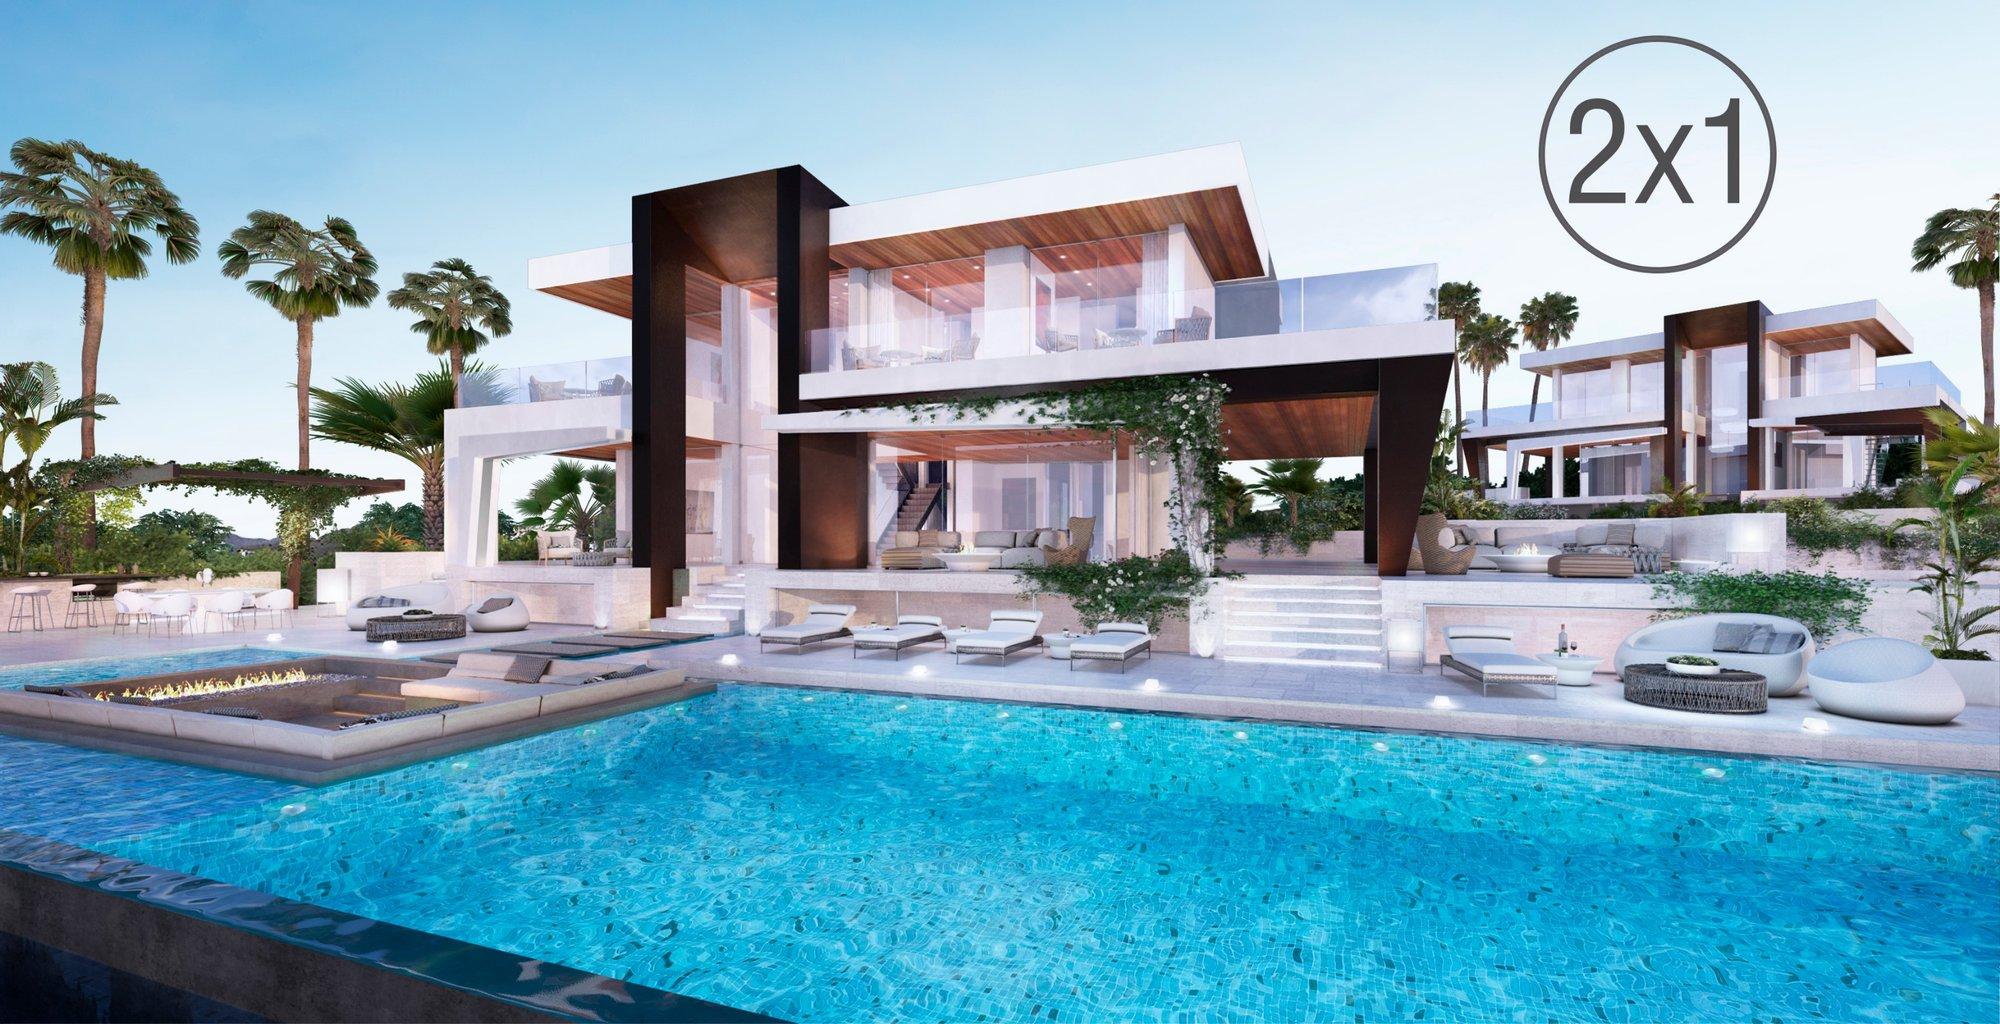 4-bed- villa for Sale in Nueva Andalucia